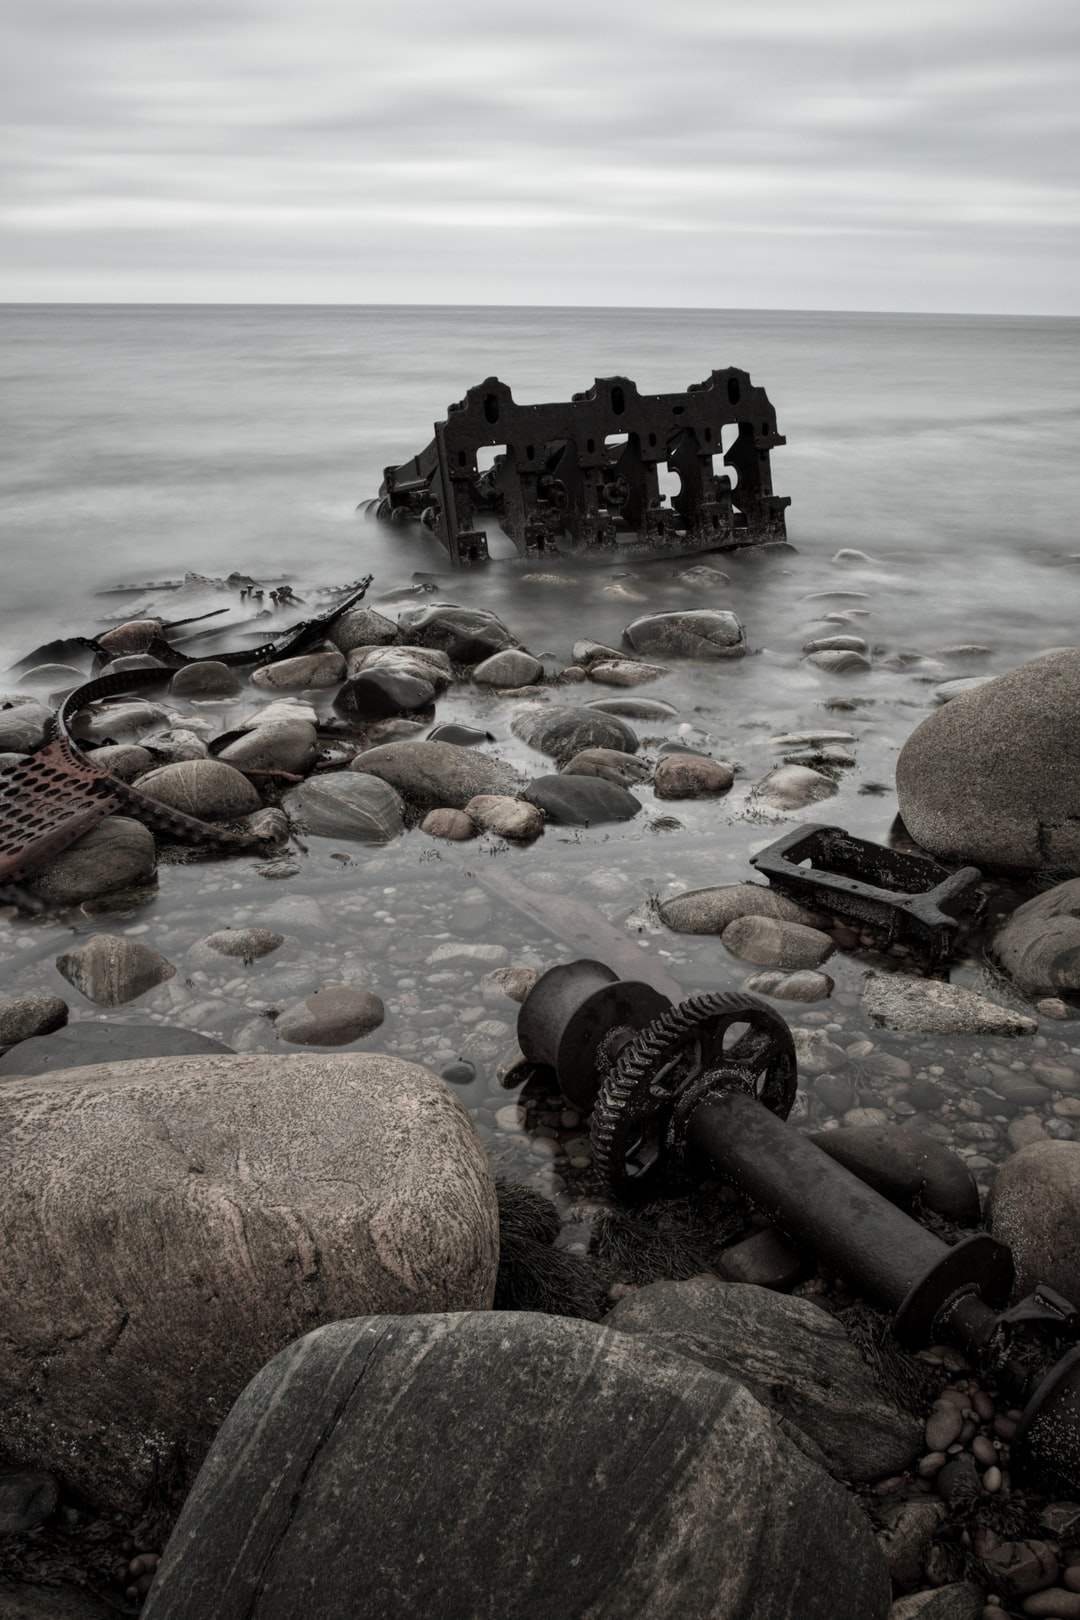 S.S. Ethie Shipwreck